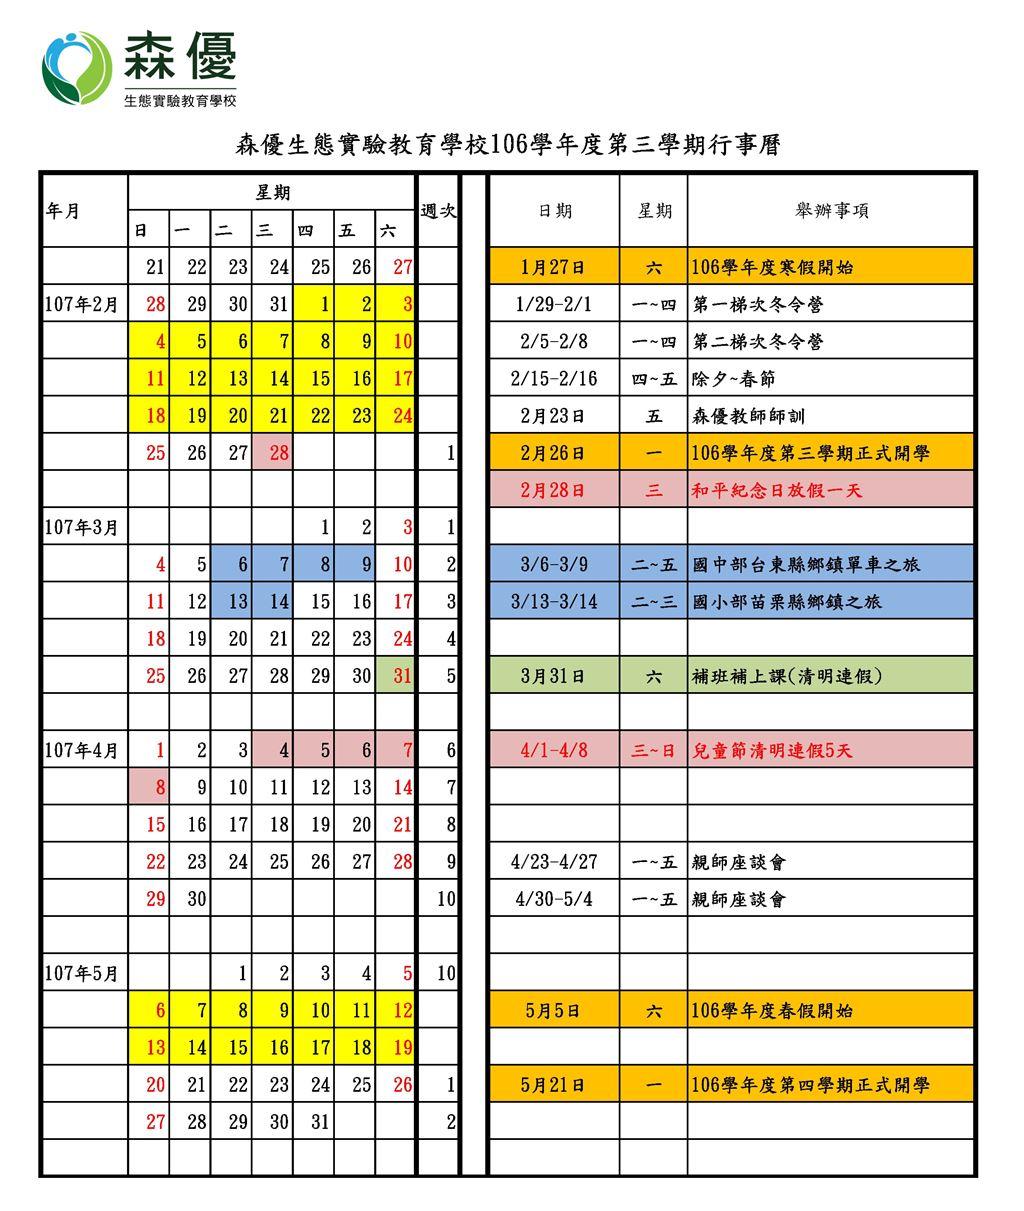 森優生態實驗教育學校 106學年度 第三學期行事曆